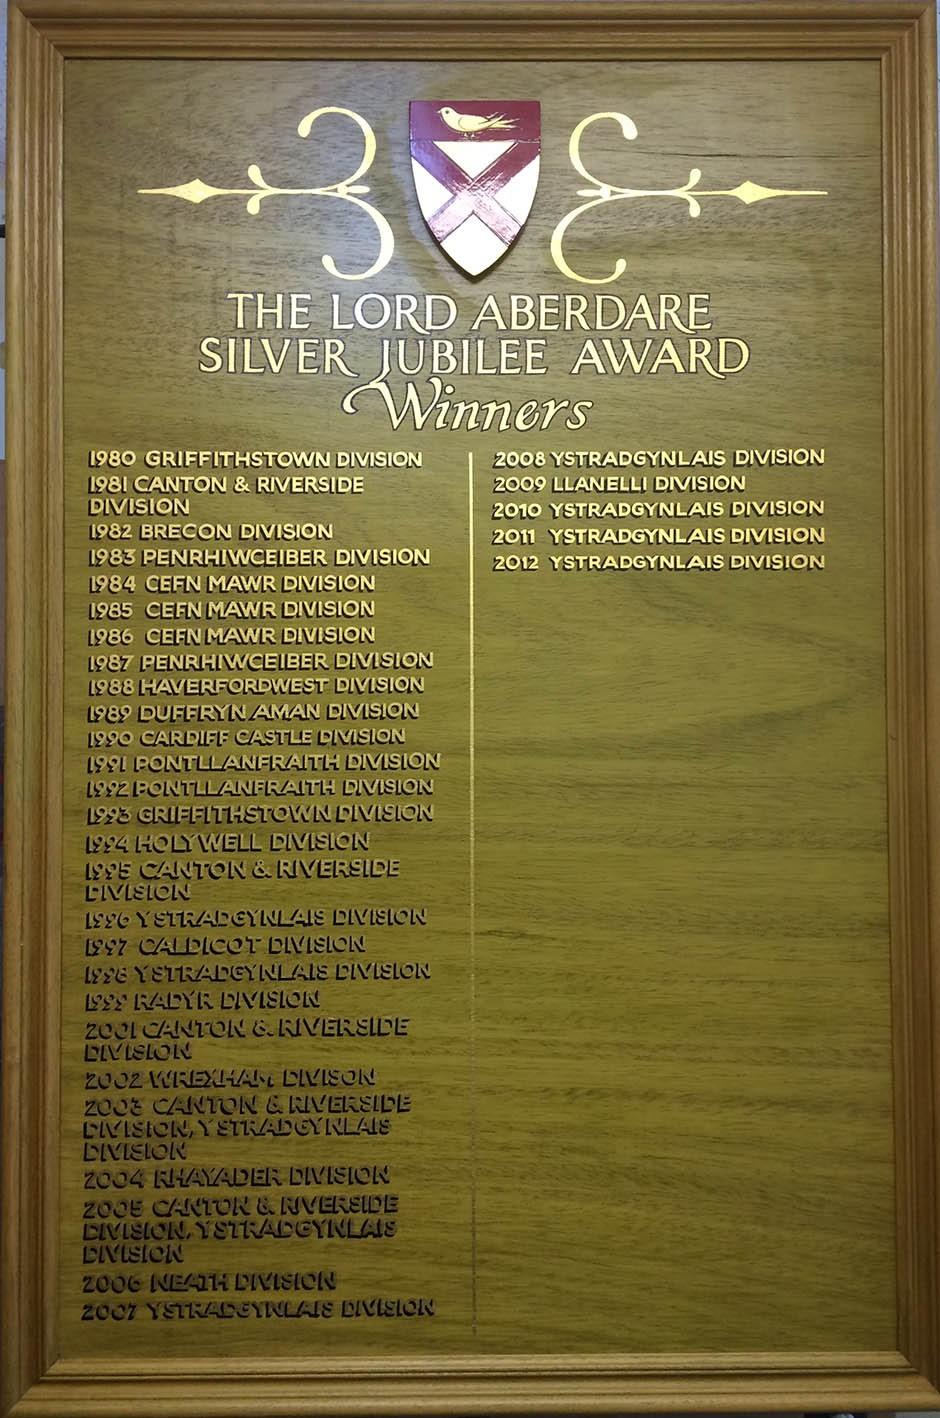 Silver Jubilee Award Winners